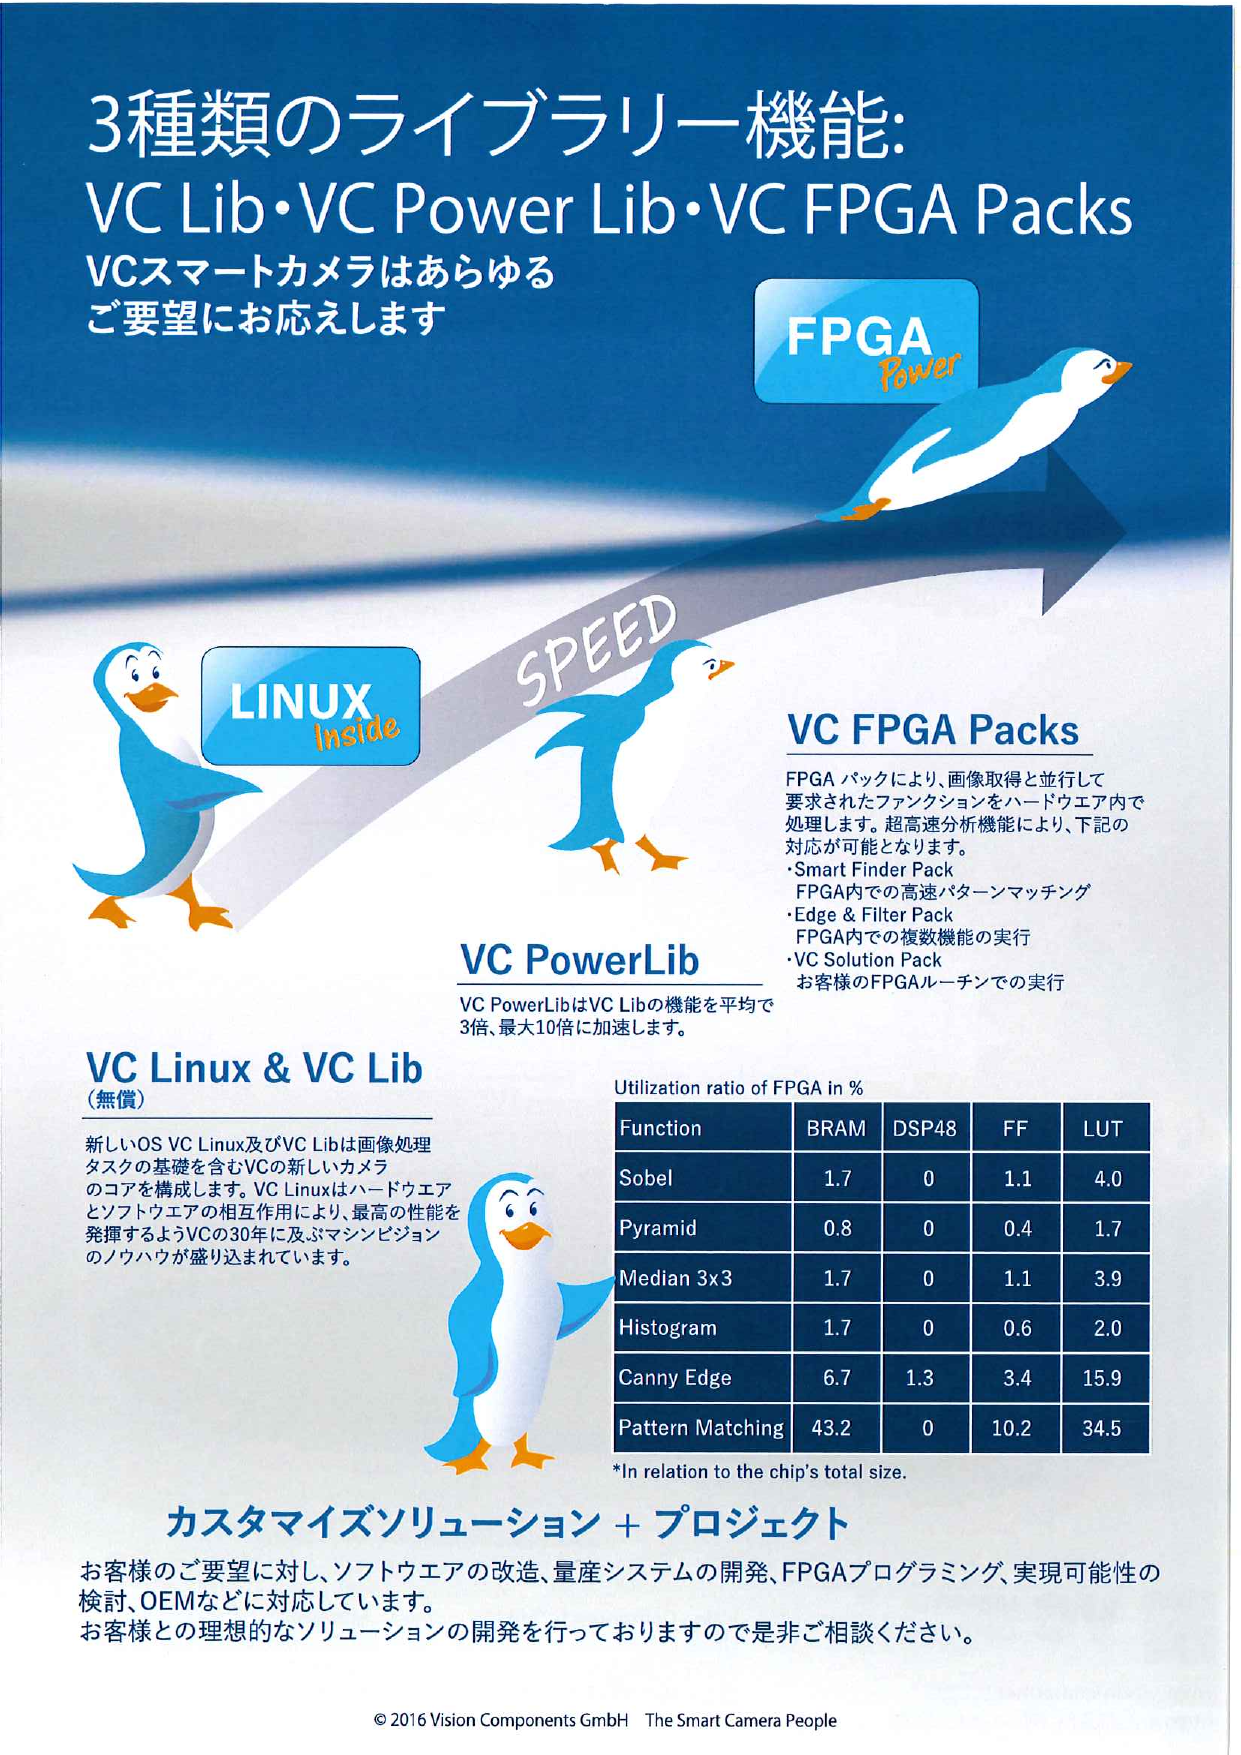 3種類のライブラリー機能 VC Lib・VC Power Lib・VC FPGA Packs